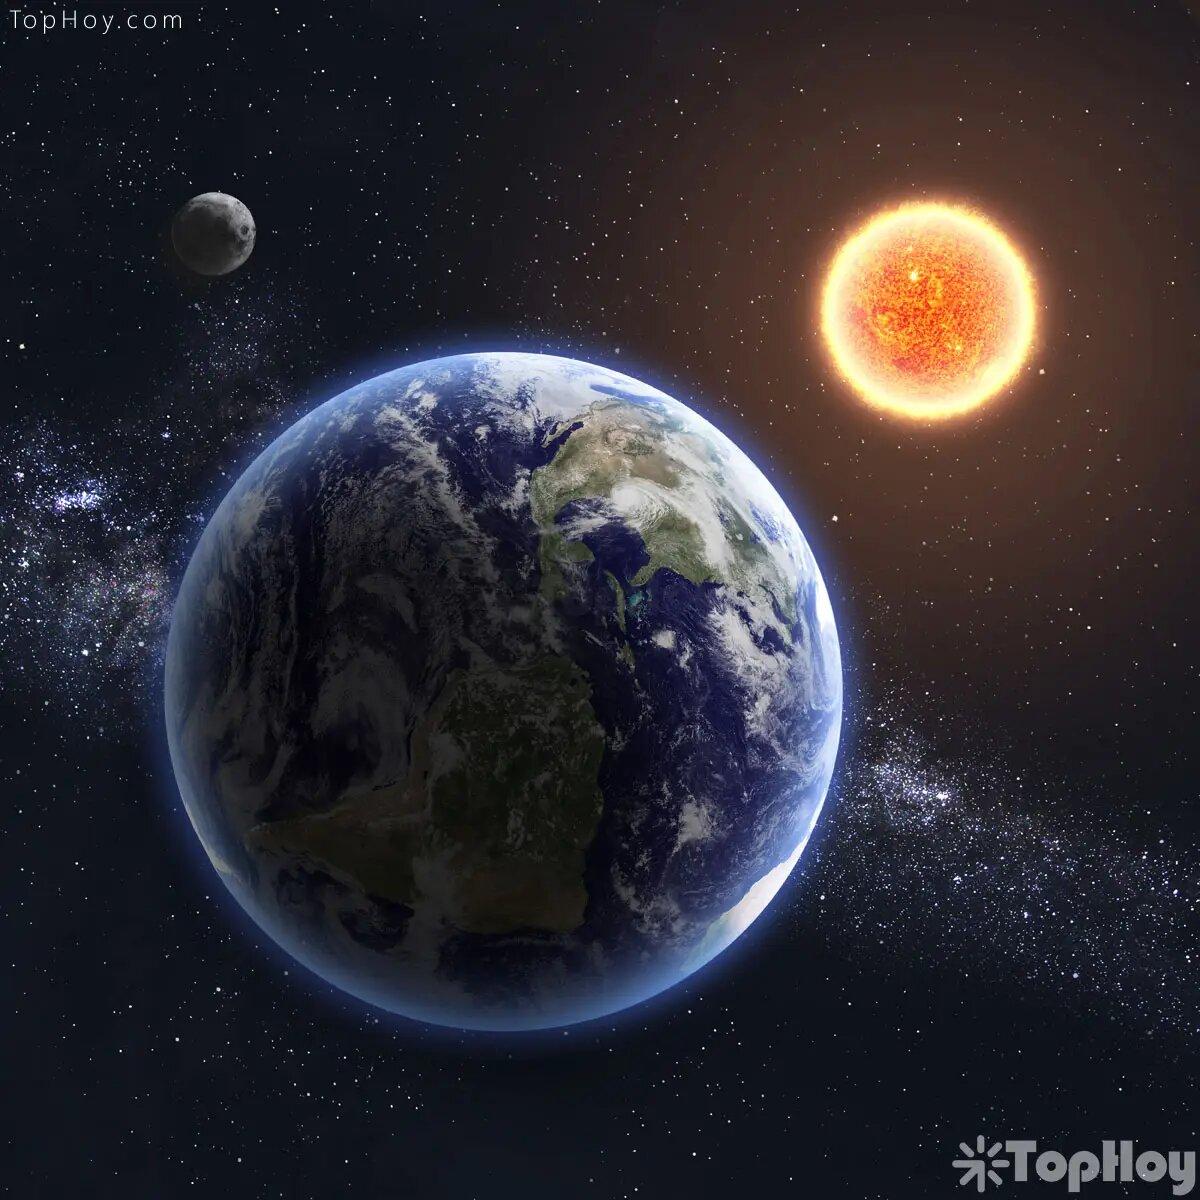 Es la estrella más cercana a la tierra, por eso debemos cuidarnos de la exposición excesiva al mismo.